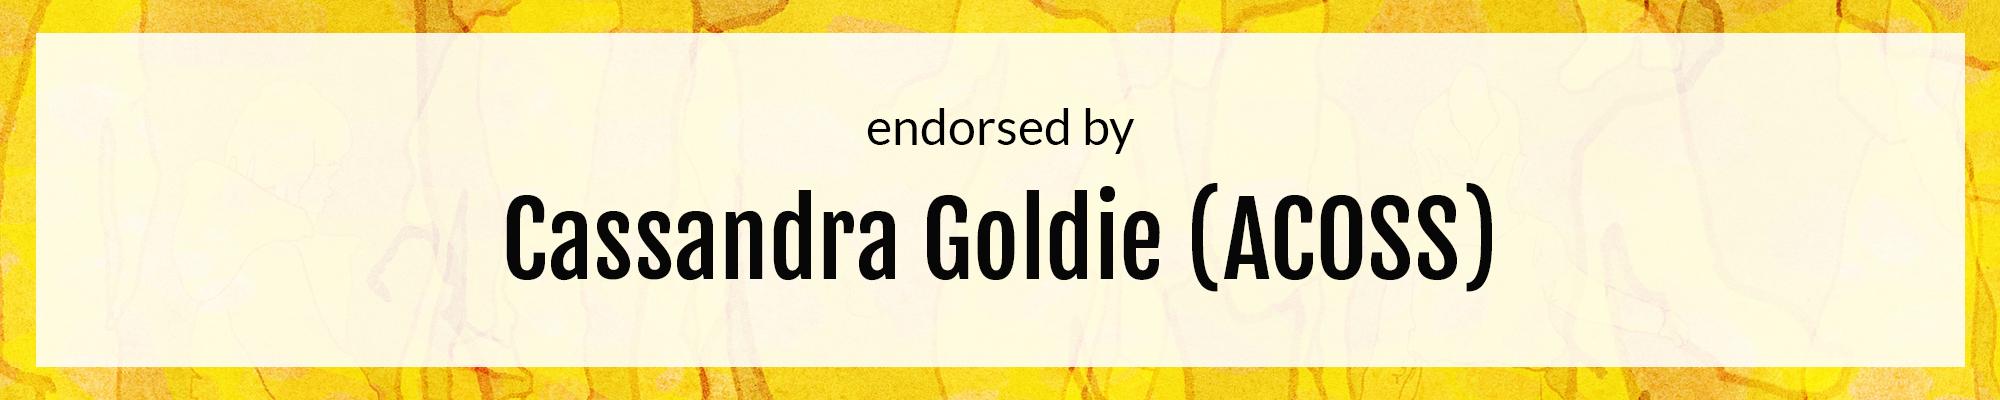 Cassandra Goldie.jpg